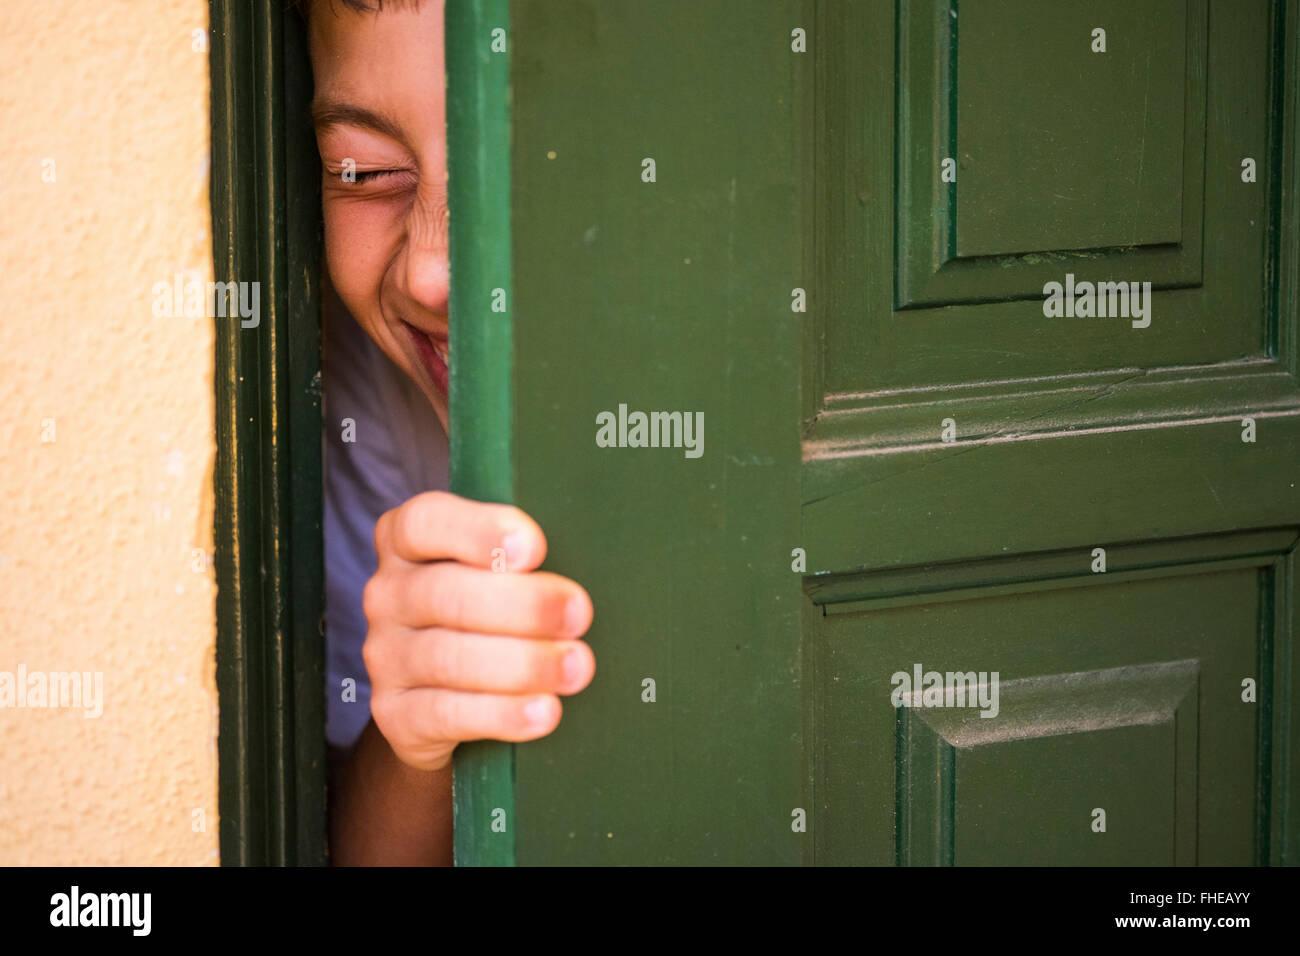 Garcon Cache Derriere Une Porte Verte Banque D Images Photo Stock